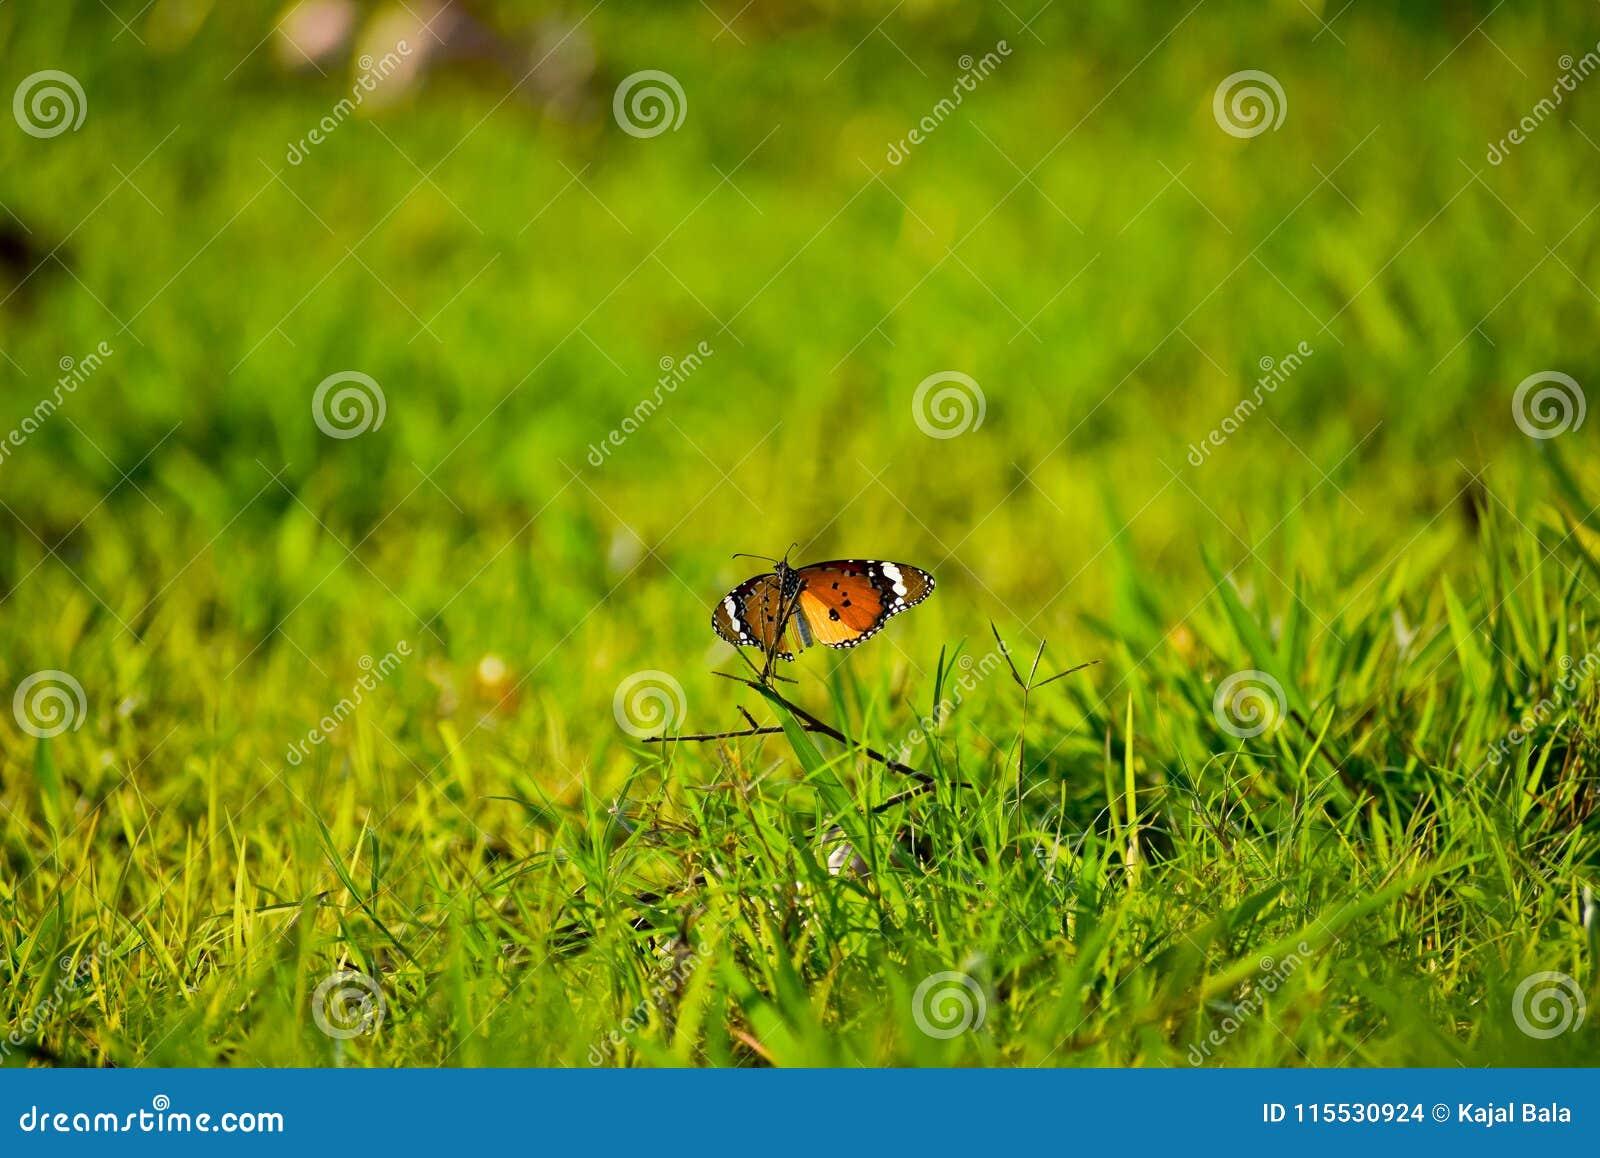 简单的老虎蝴蝶以绿色